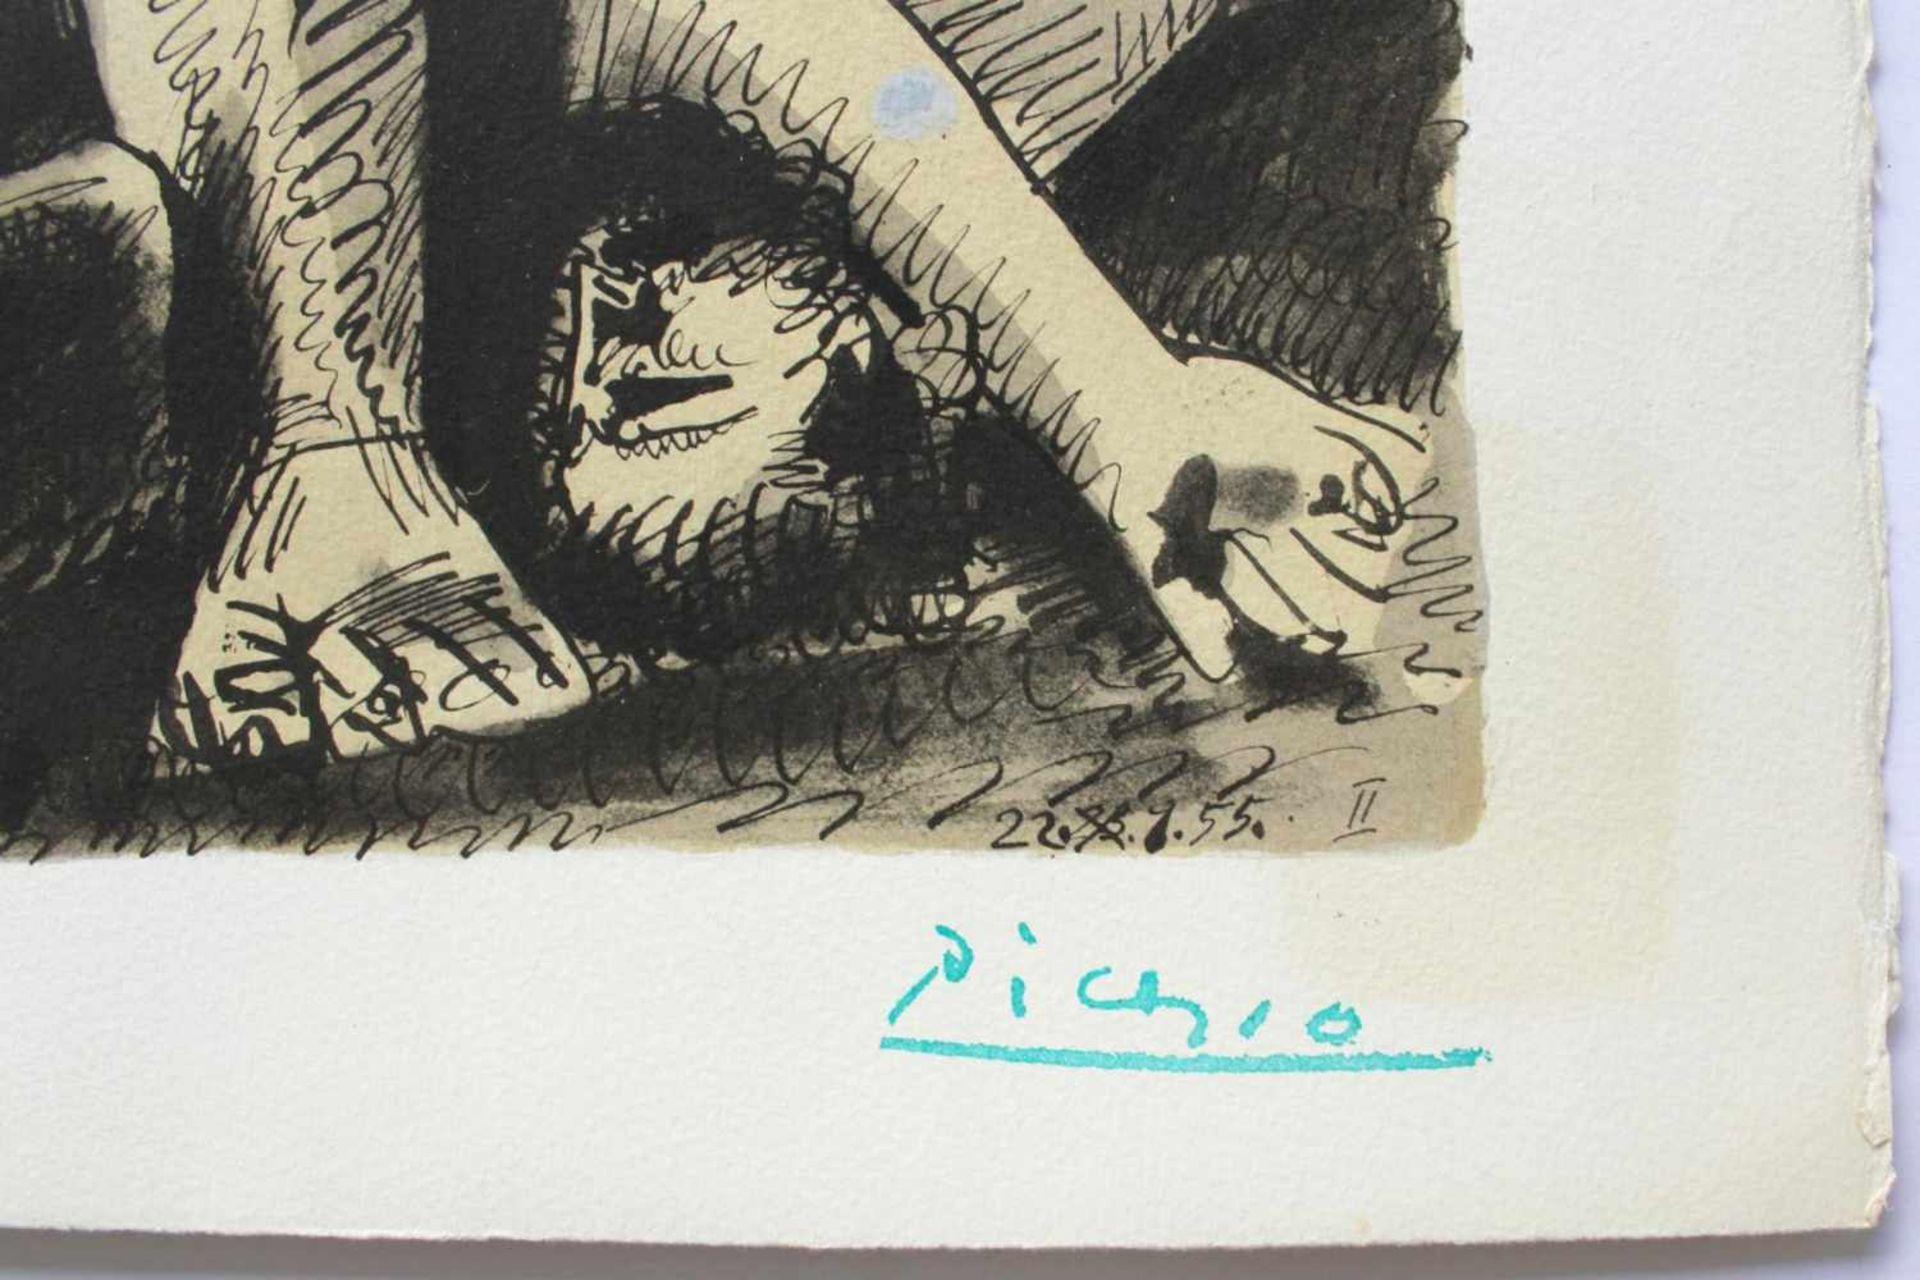 """Pablo Picasso 1881 - 1973 """"Bacchanale"""" 1955 Pochoir Lithographie stempelsigniert, Stempel Verso ("""" - Bild 2 aus 5"""